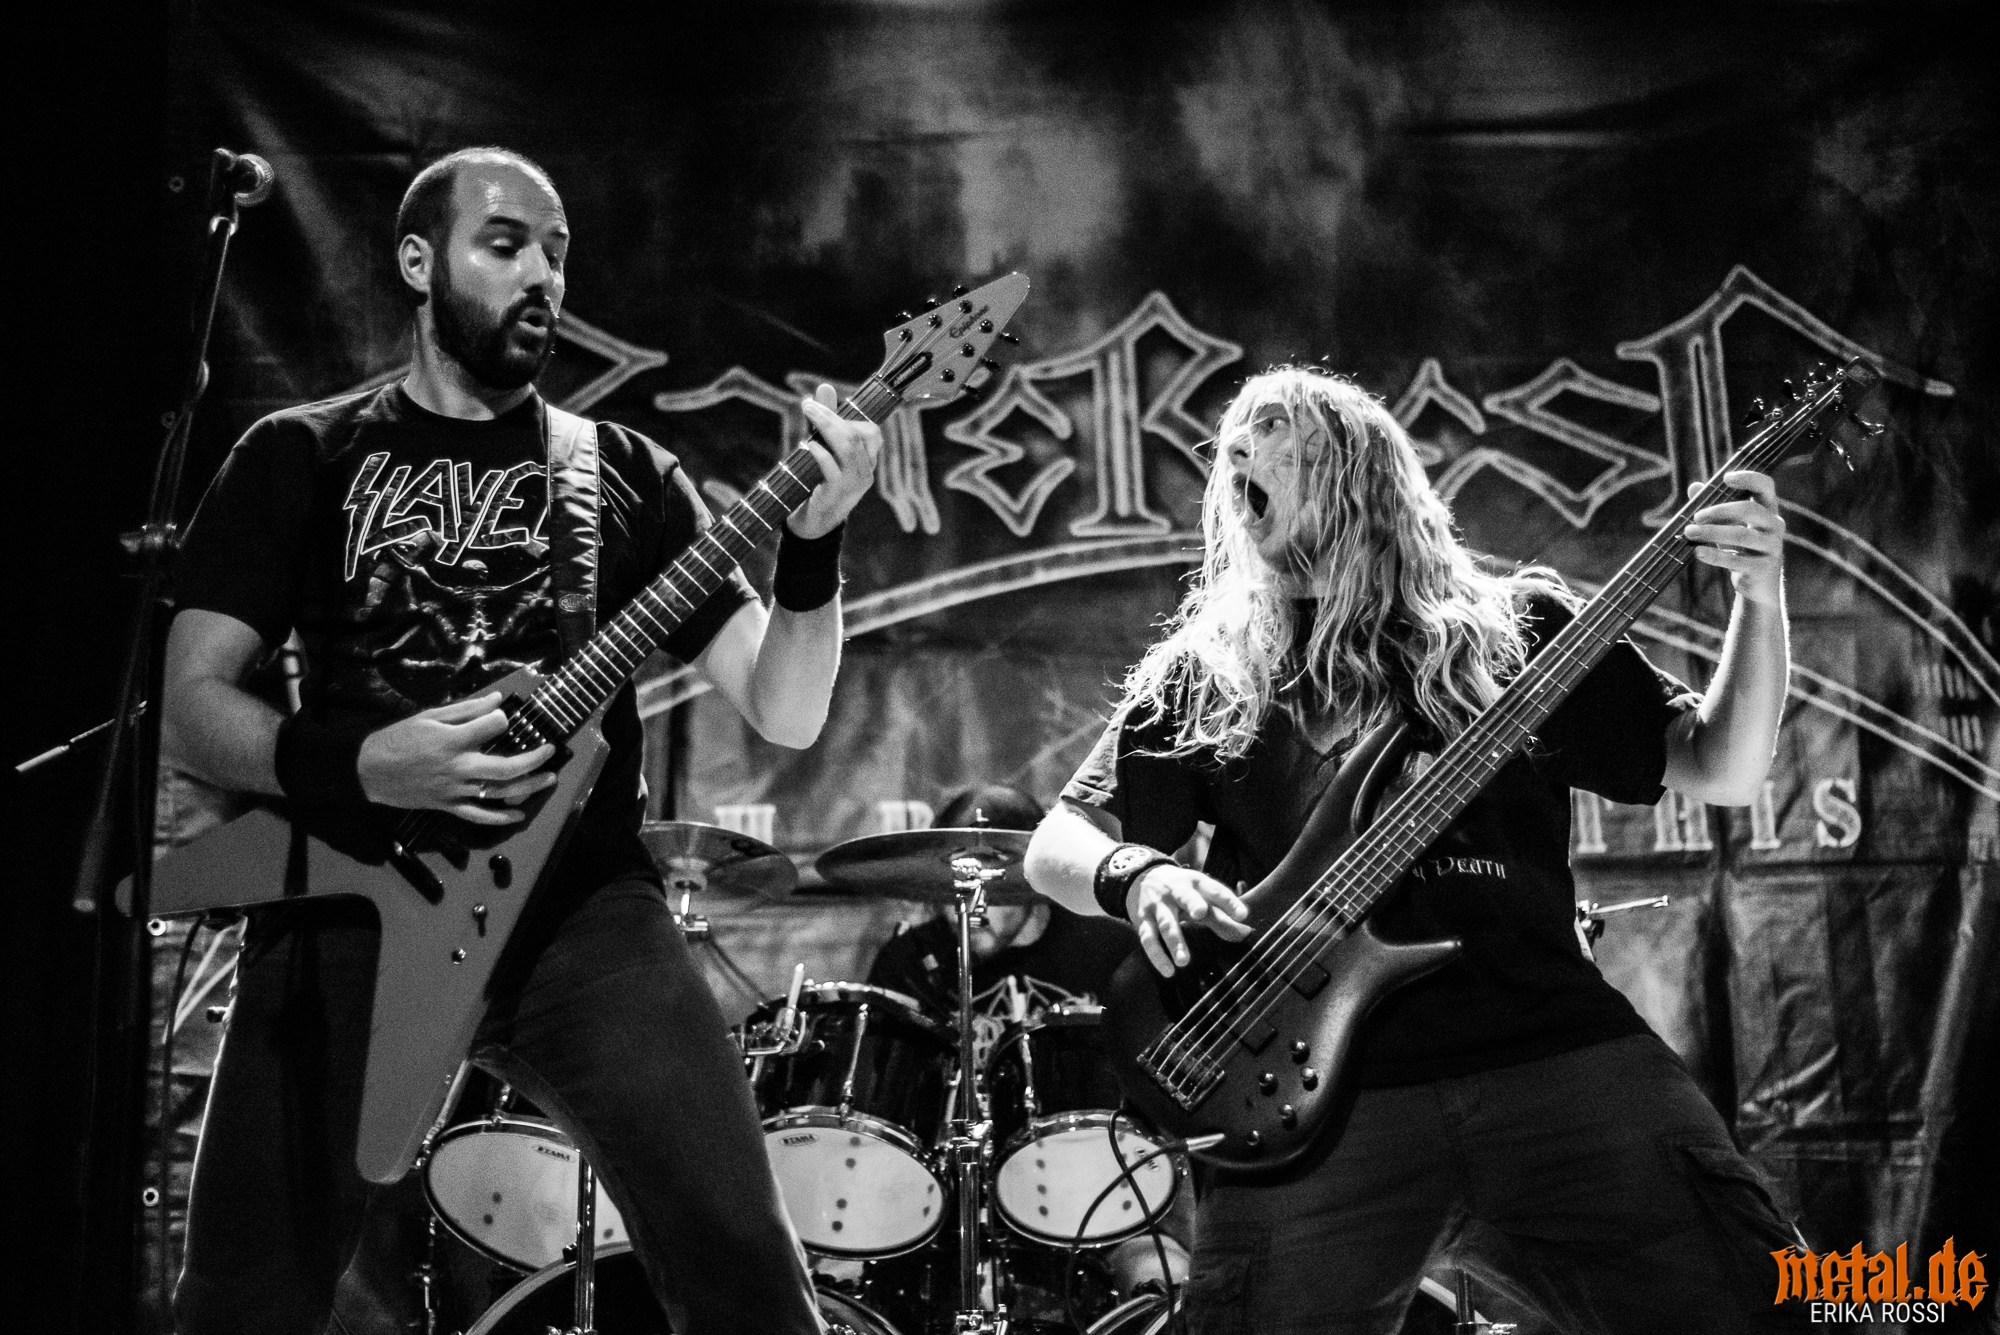 Bitterness - Metal Café